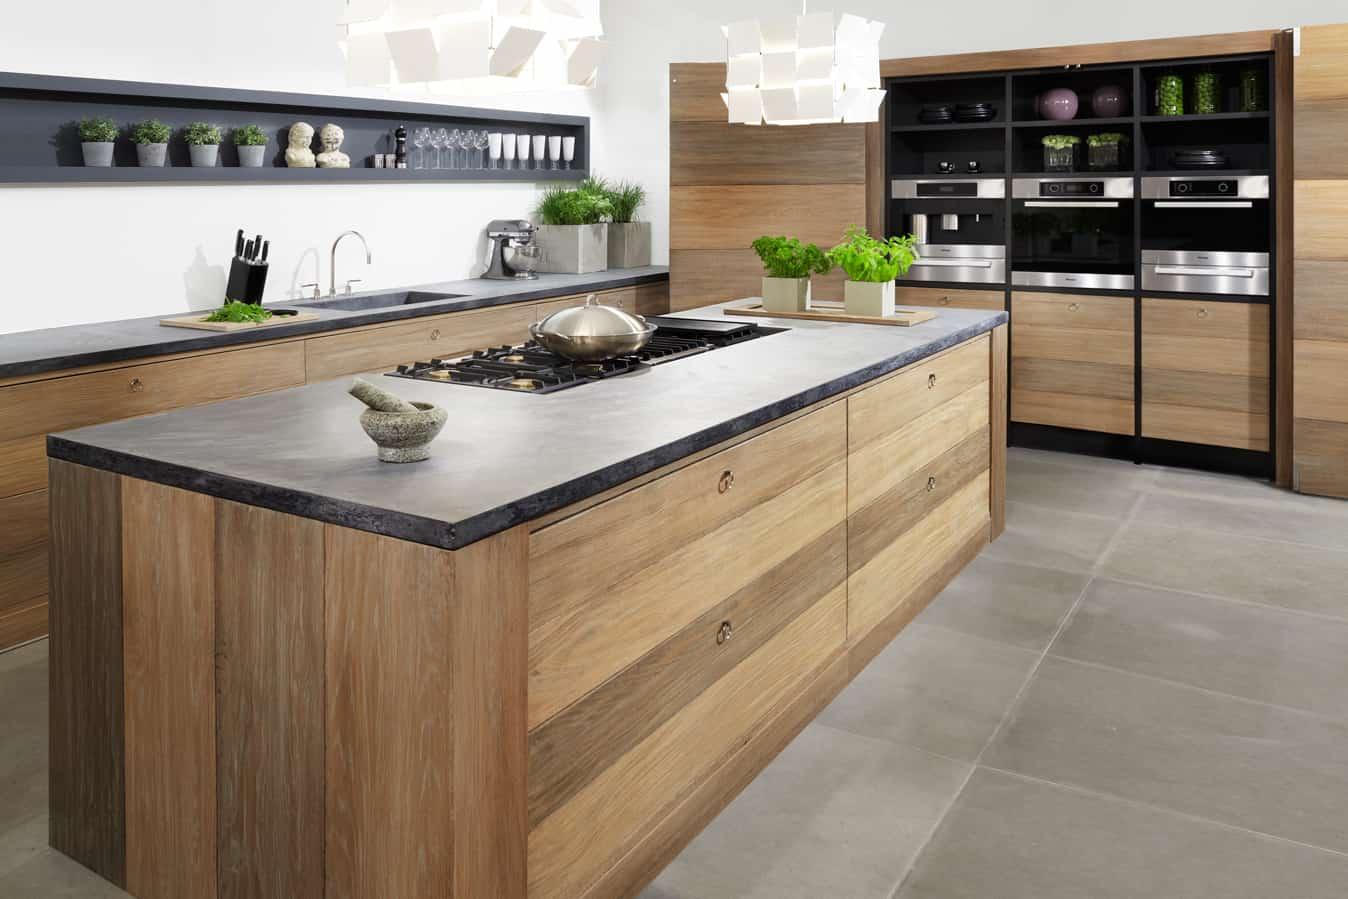 Keuken ruw hout